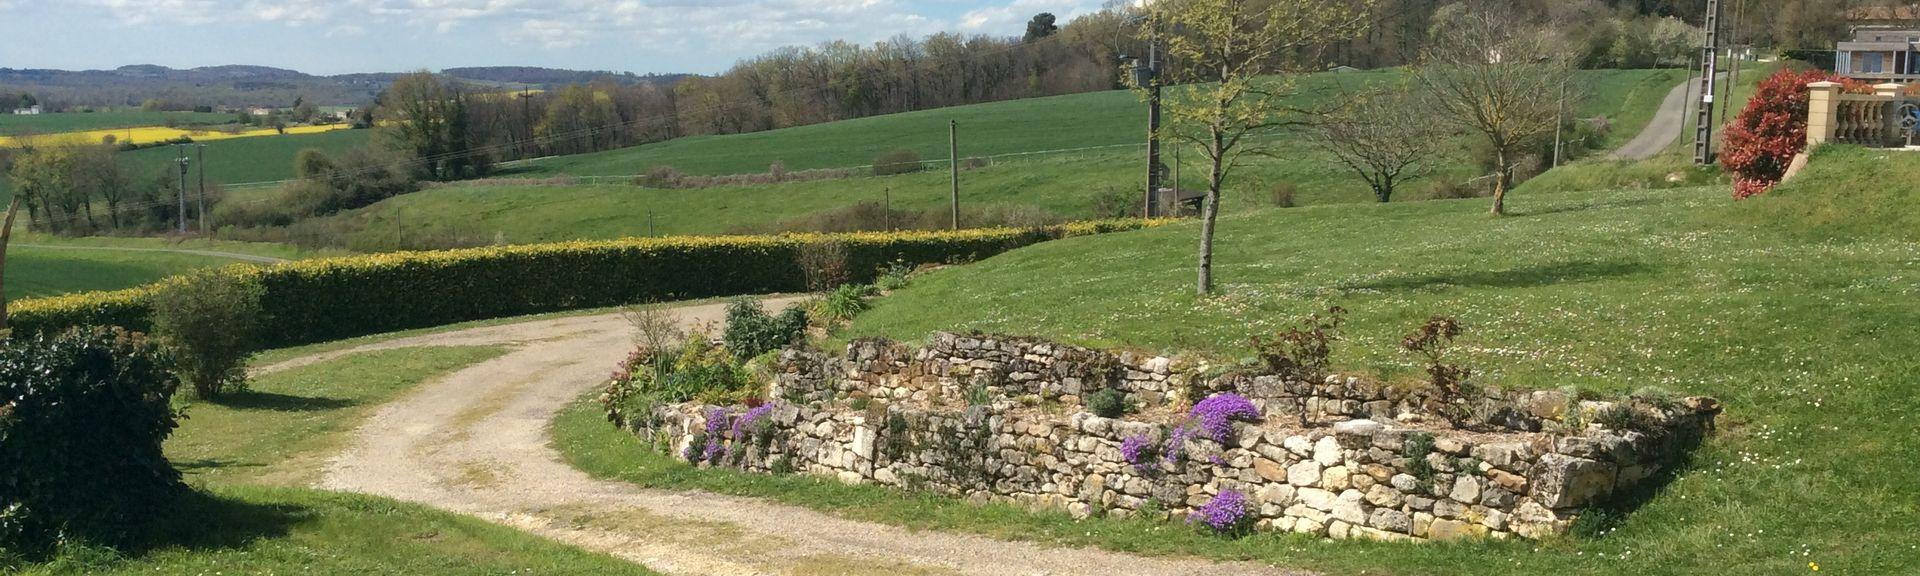 Vouzan, Charente, França